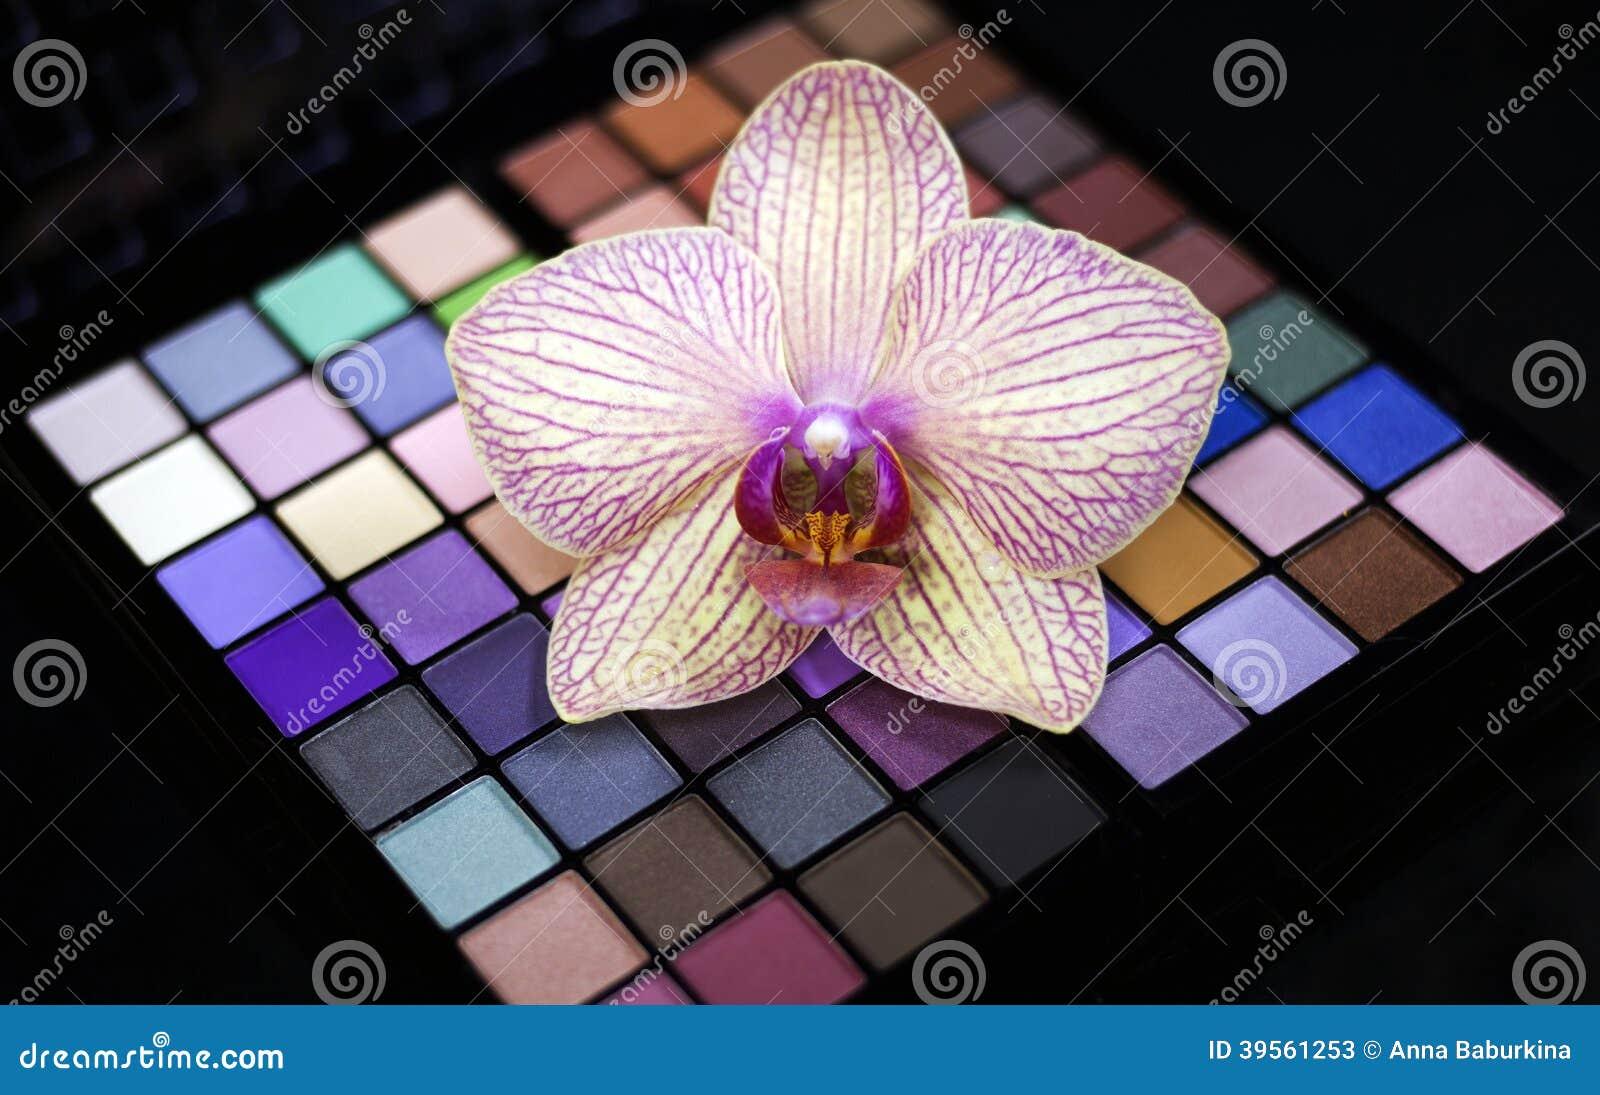 Färgrik palett för ögonskuggor